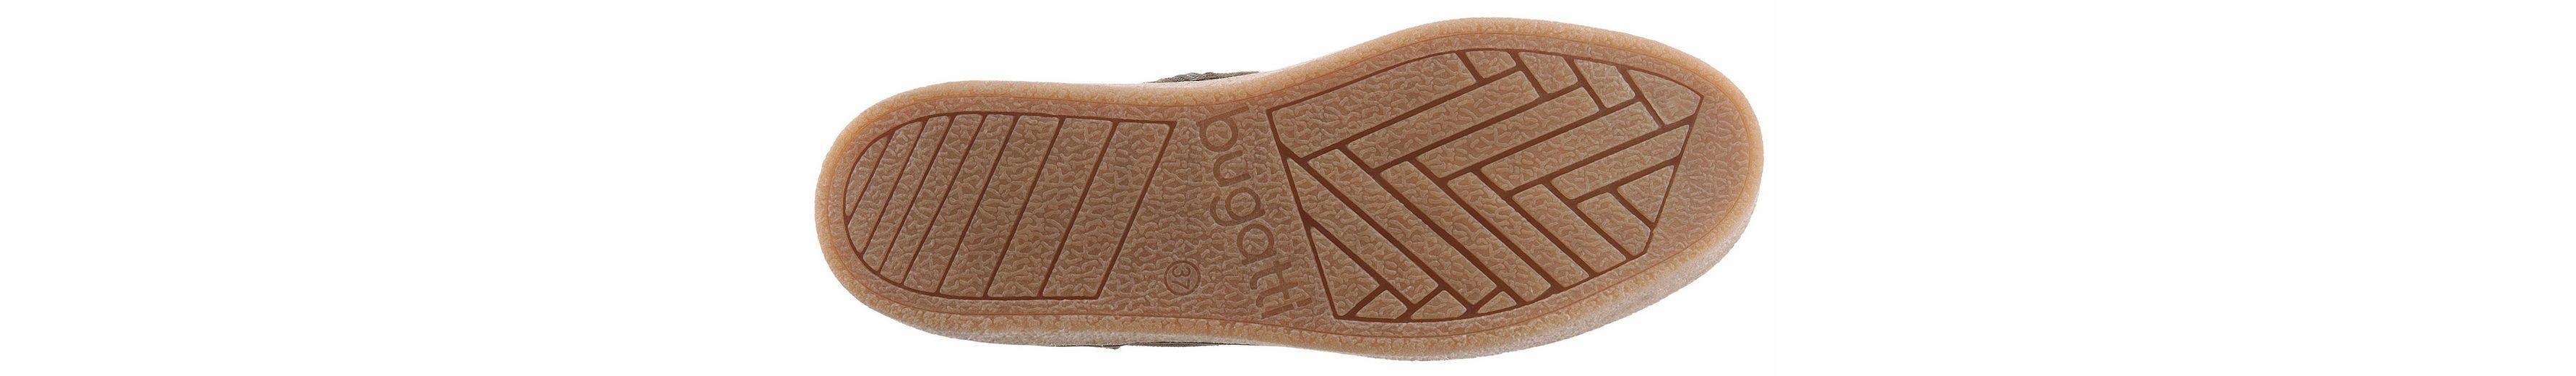 Bugatti Schnürstiefelette, mit Fellimitat Besatz